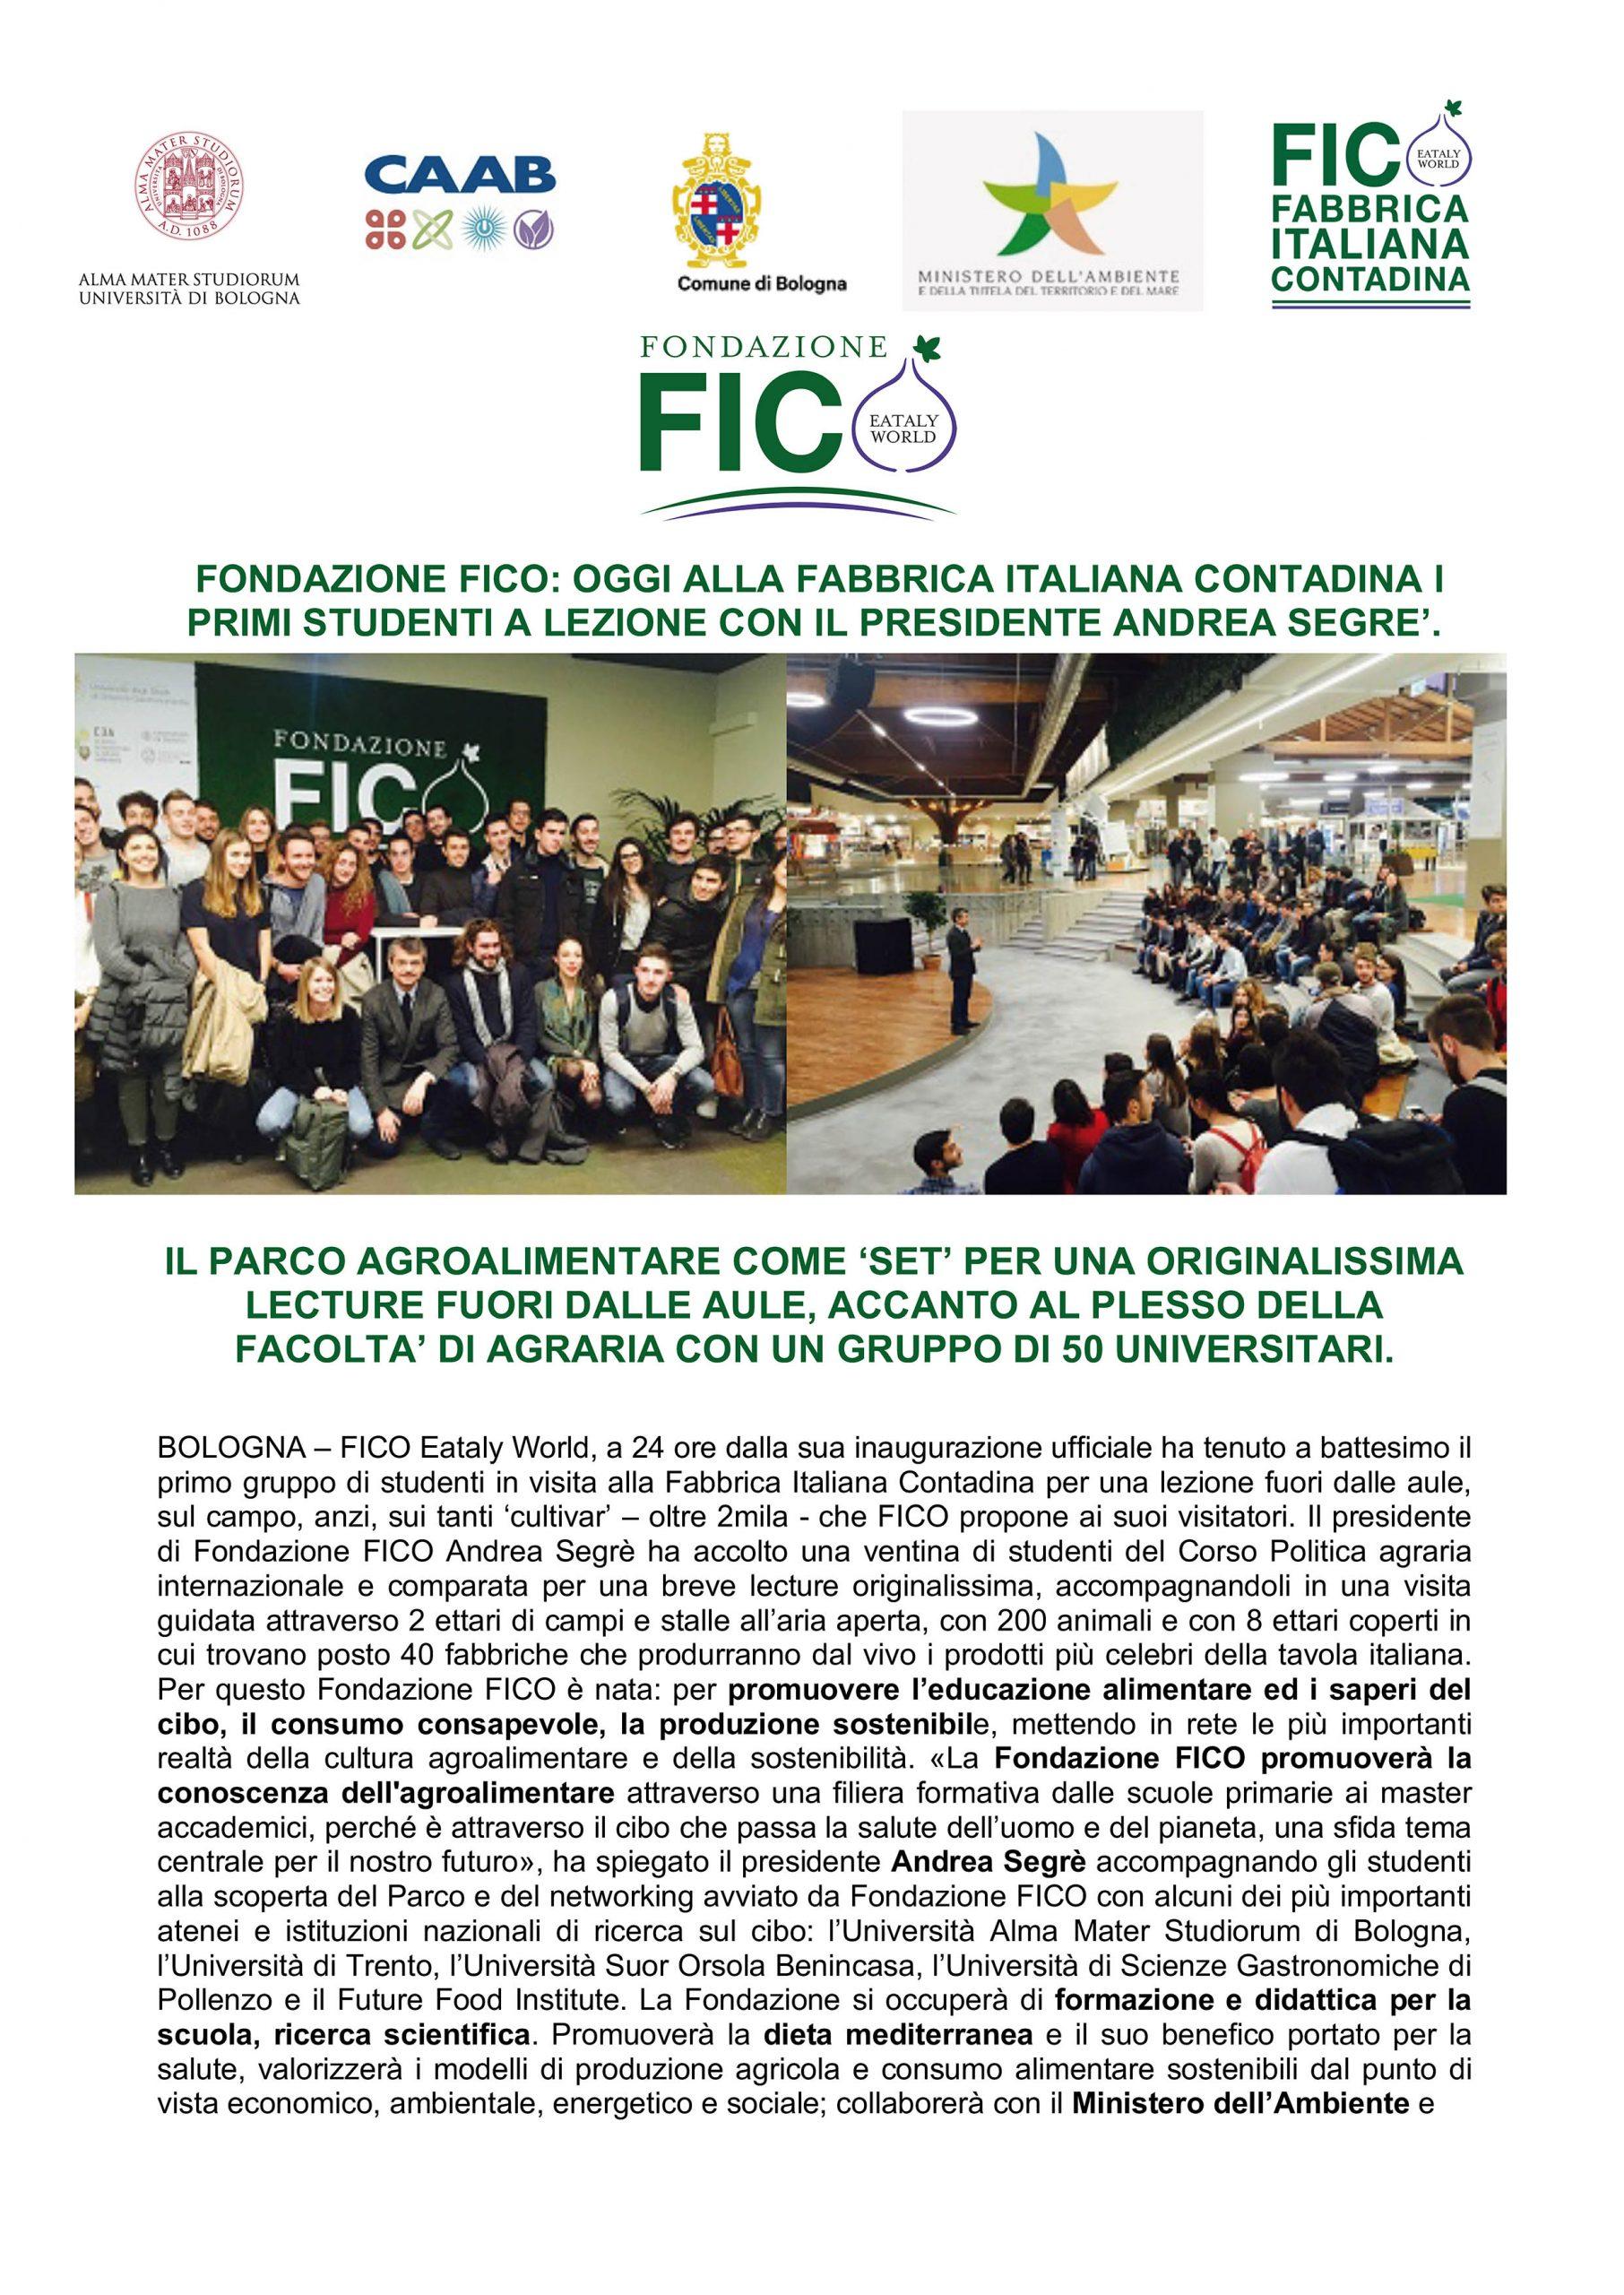 CS-0006FondazioneFIco-PrimiStedenti-14-11-2017_Pagina_1